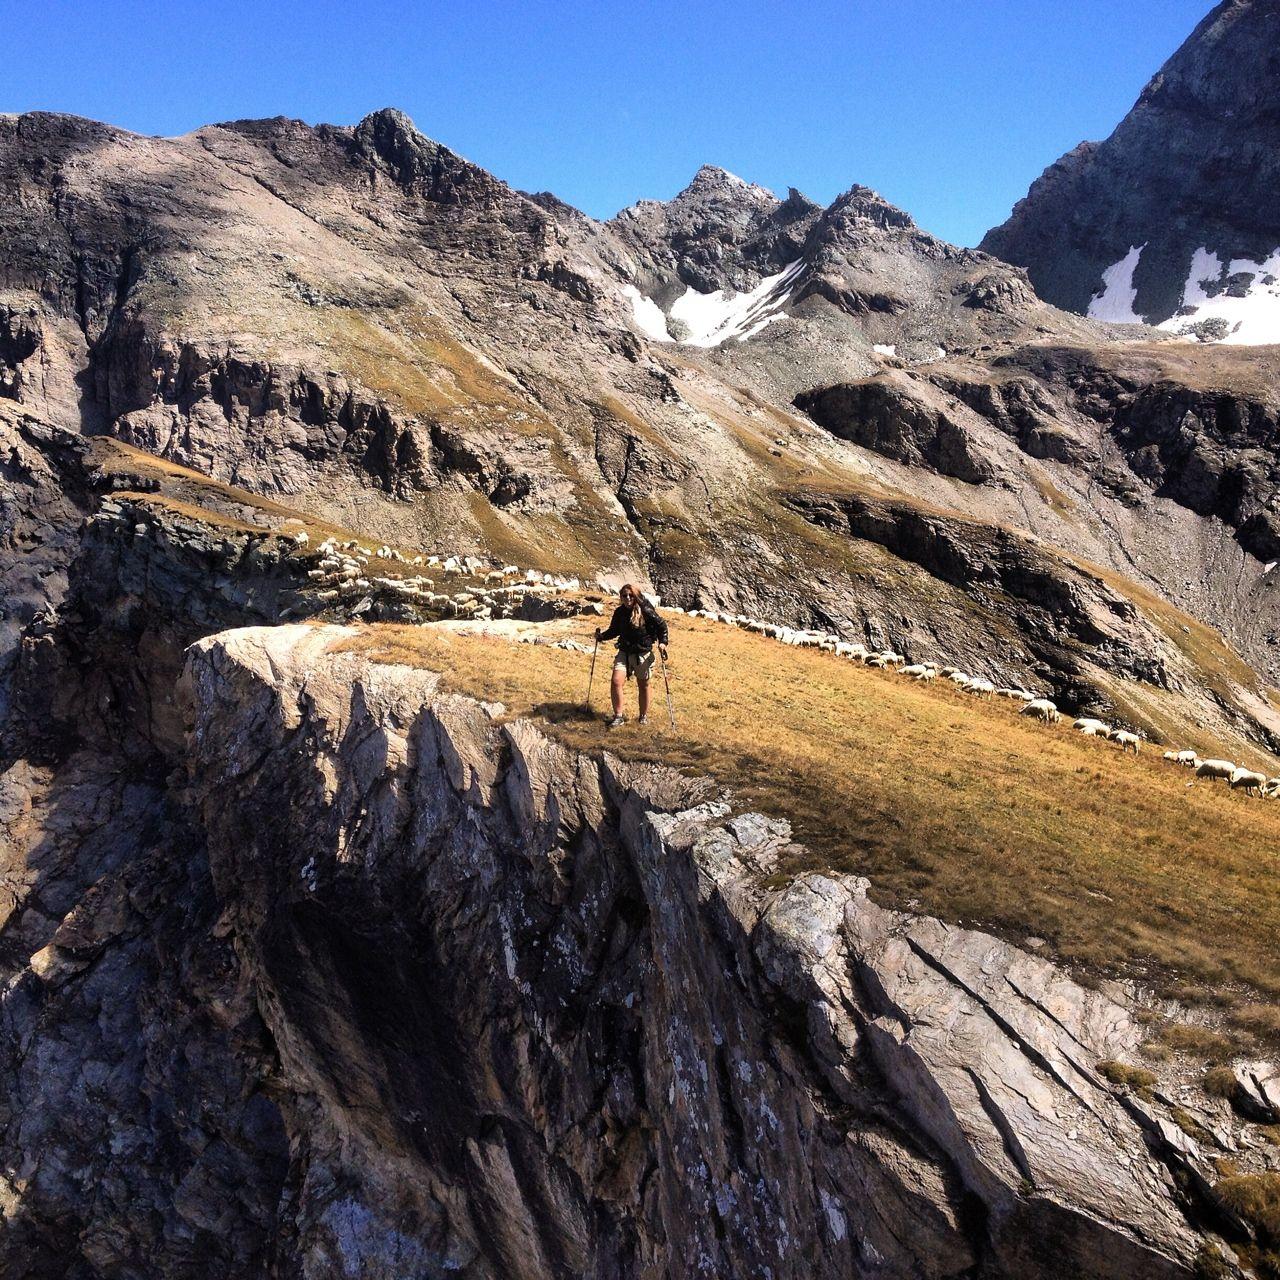 #mountain, #trekking, Valle d'Aosta